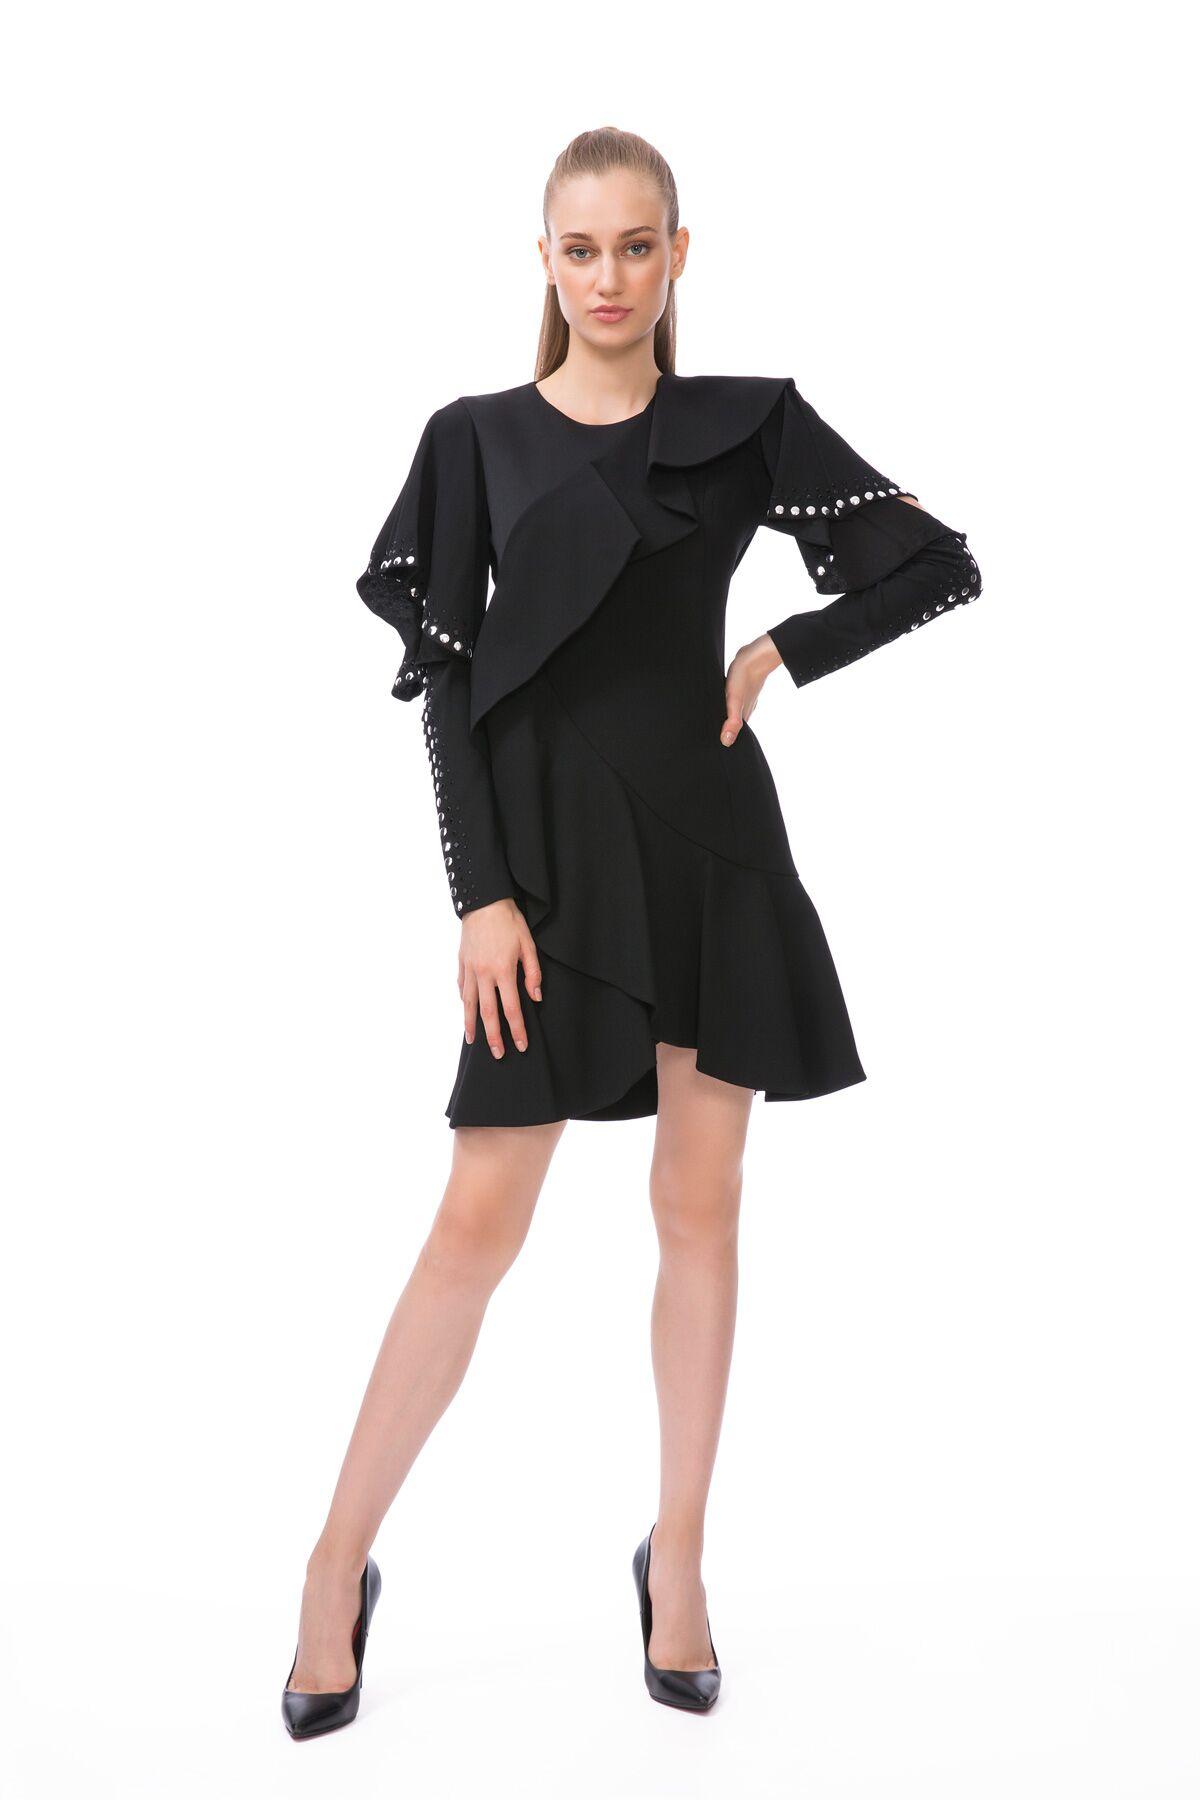 Kol Kısmı Trok Baskı Detaylı Siyah Mini Elbise